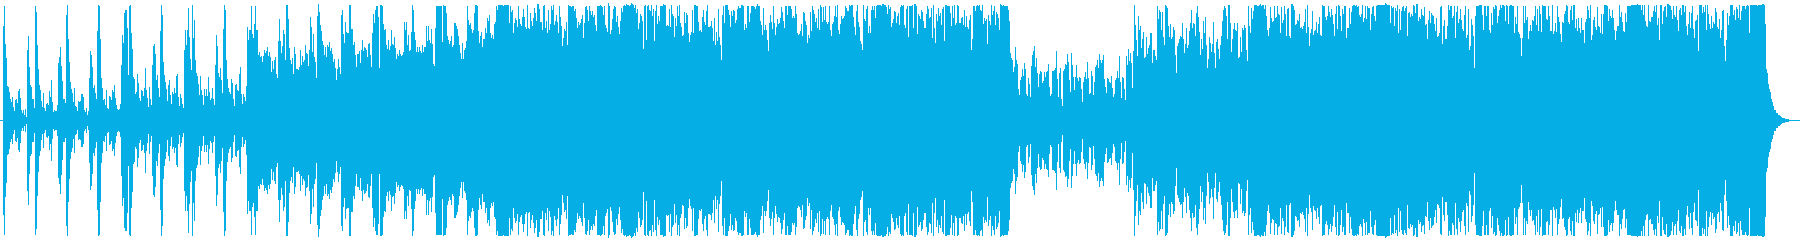 「達成」テーマのような上昇するファ...の再生済みの波形